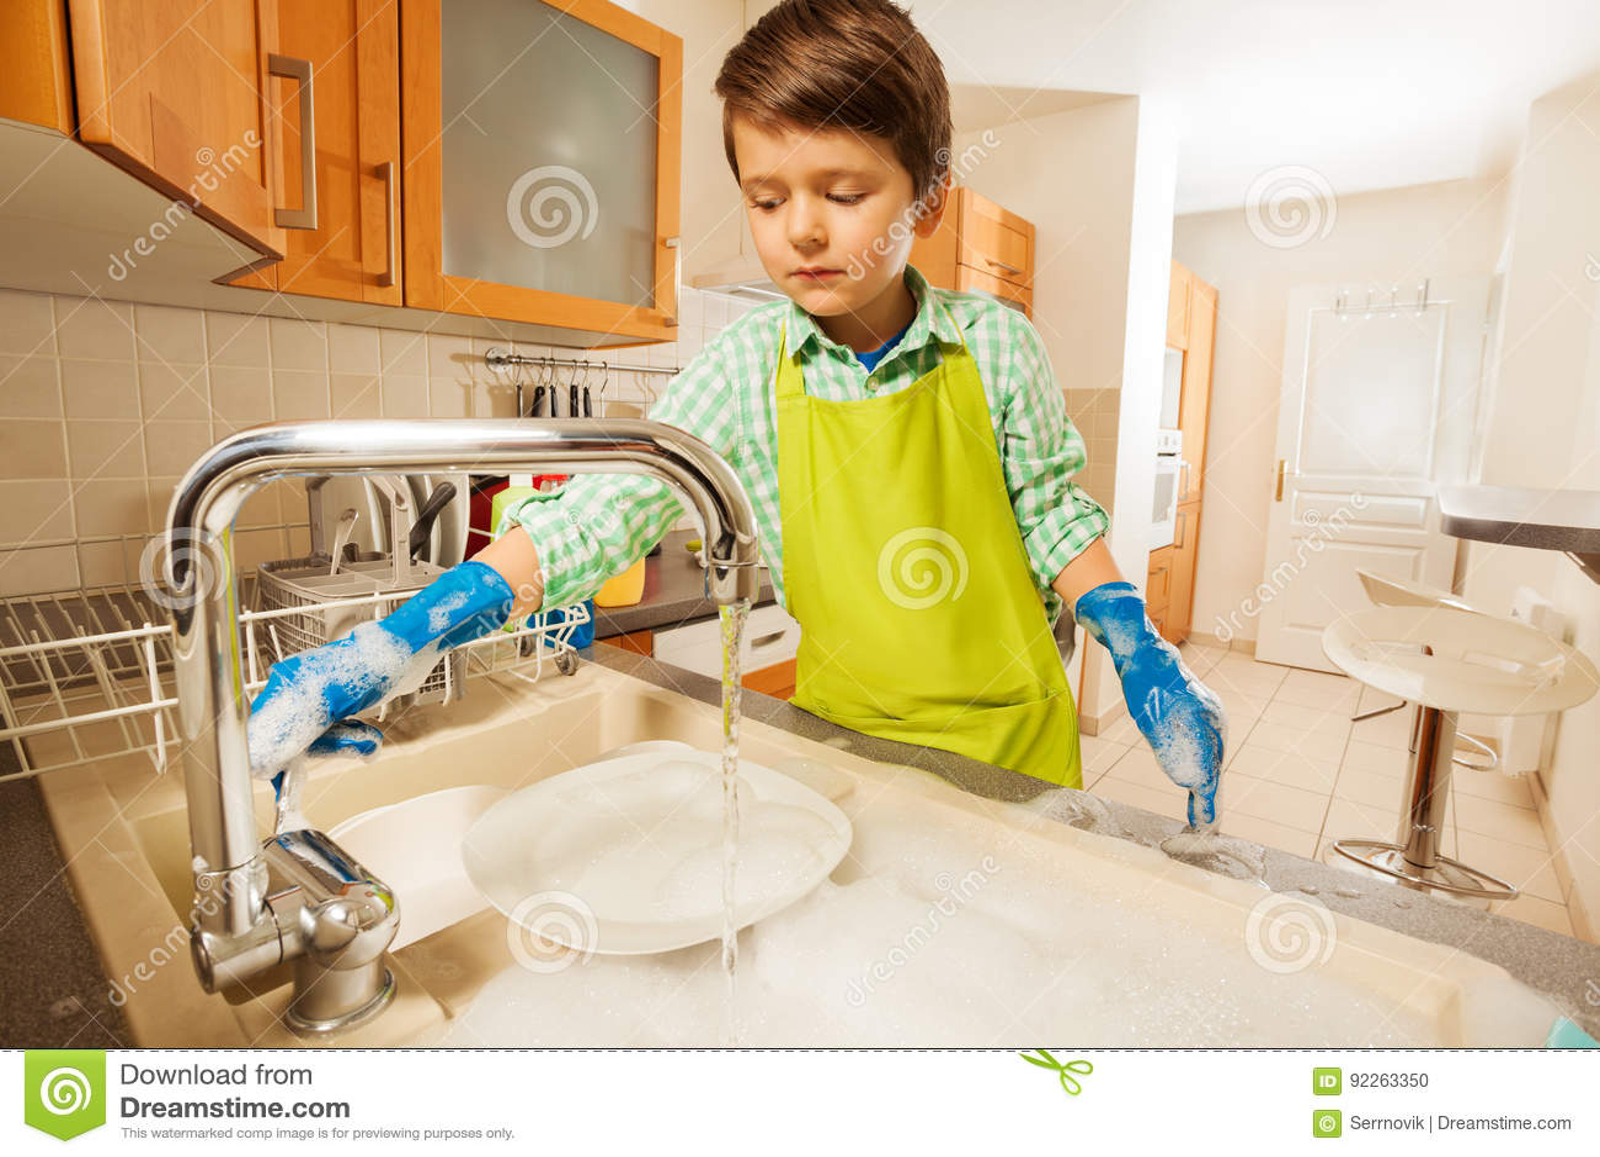 Chłopiec obraca dalej klepnięcie i opłukuje naczynia w zlew